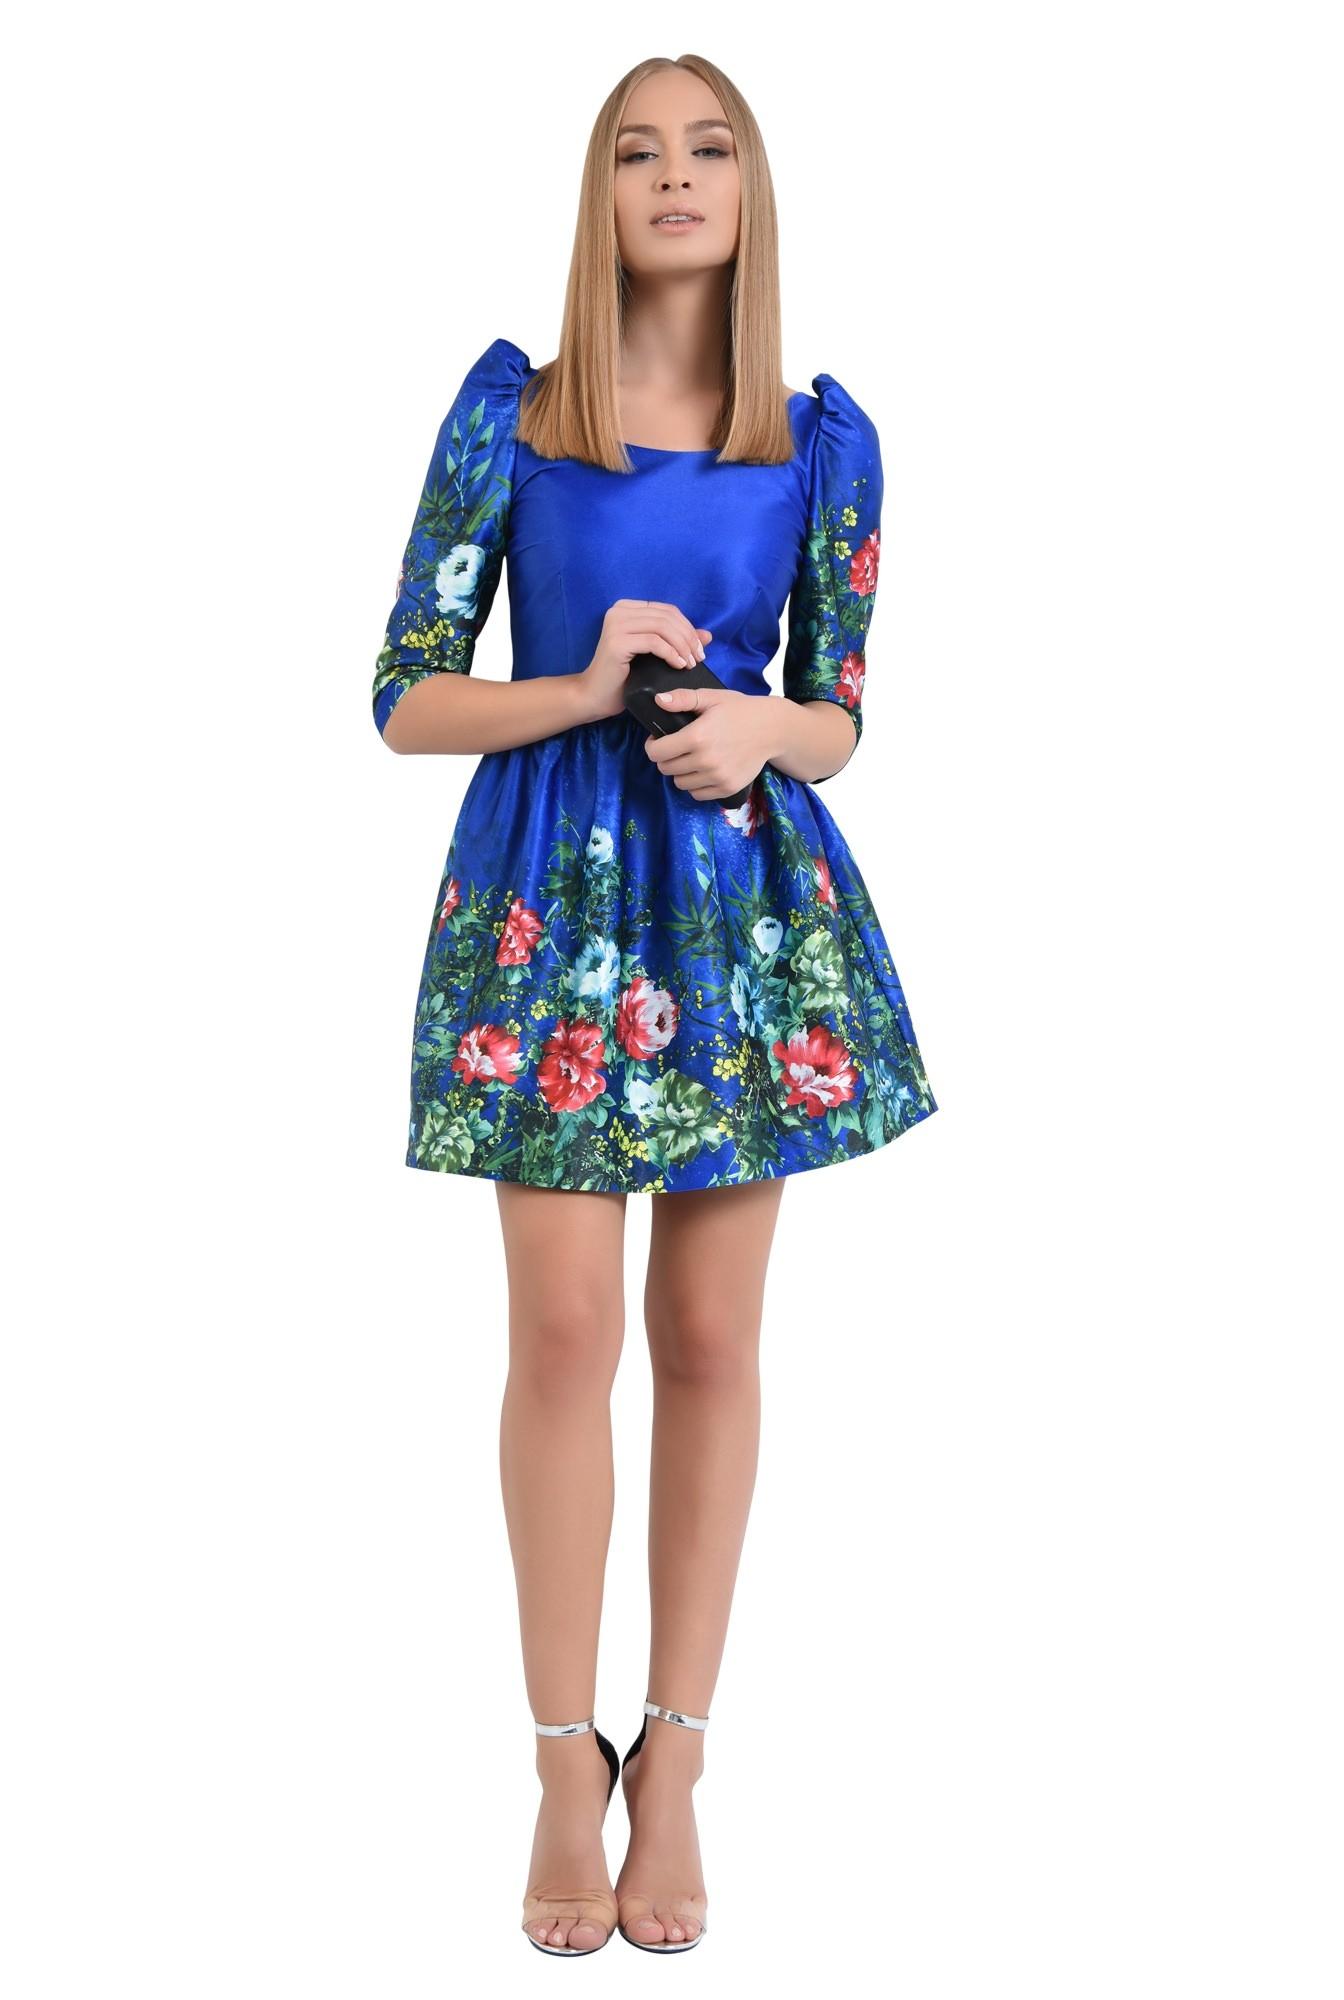 rochie de ocazie, tafta cu imprimeu, albastru, flori